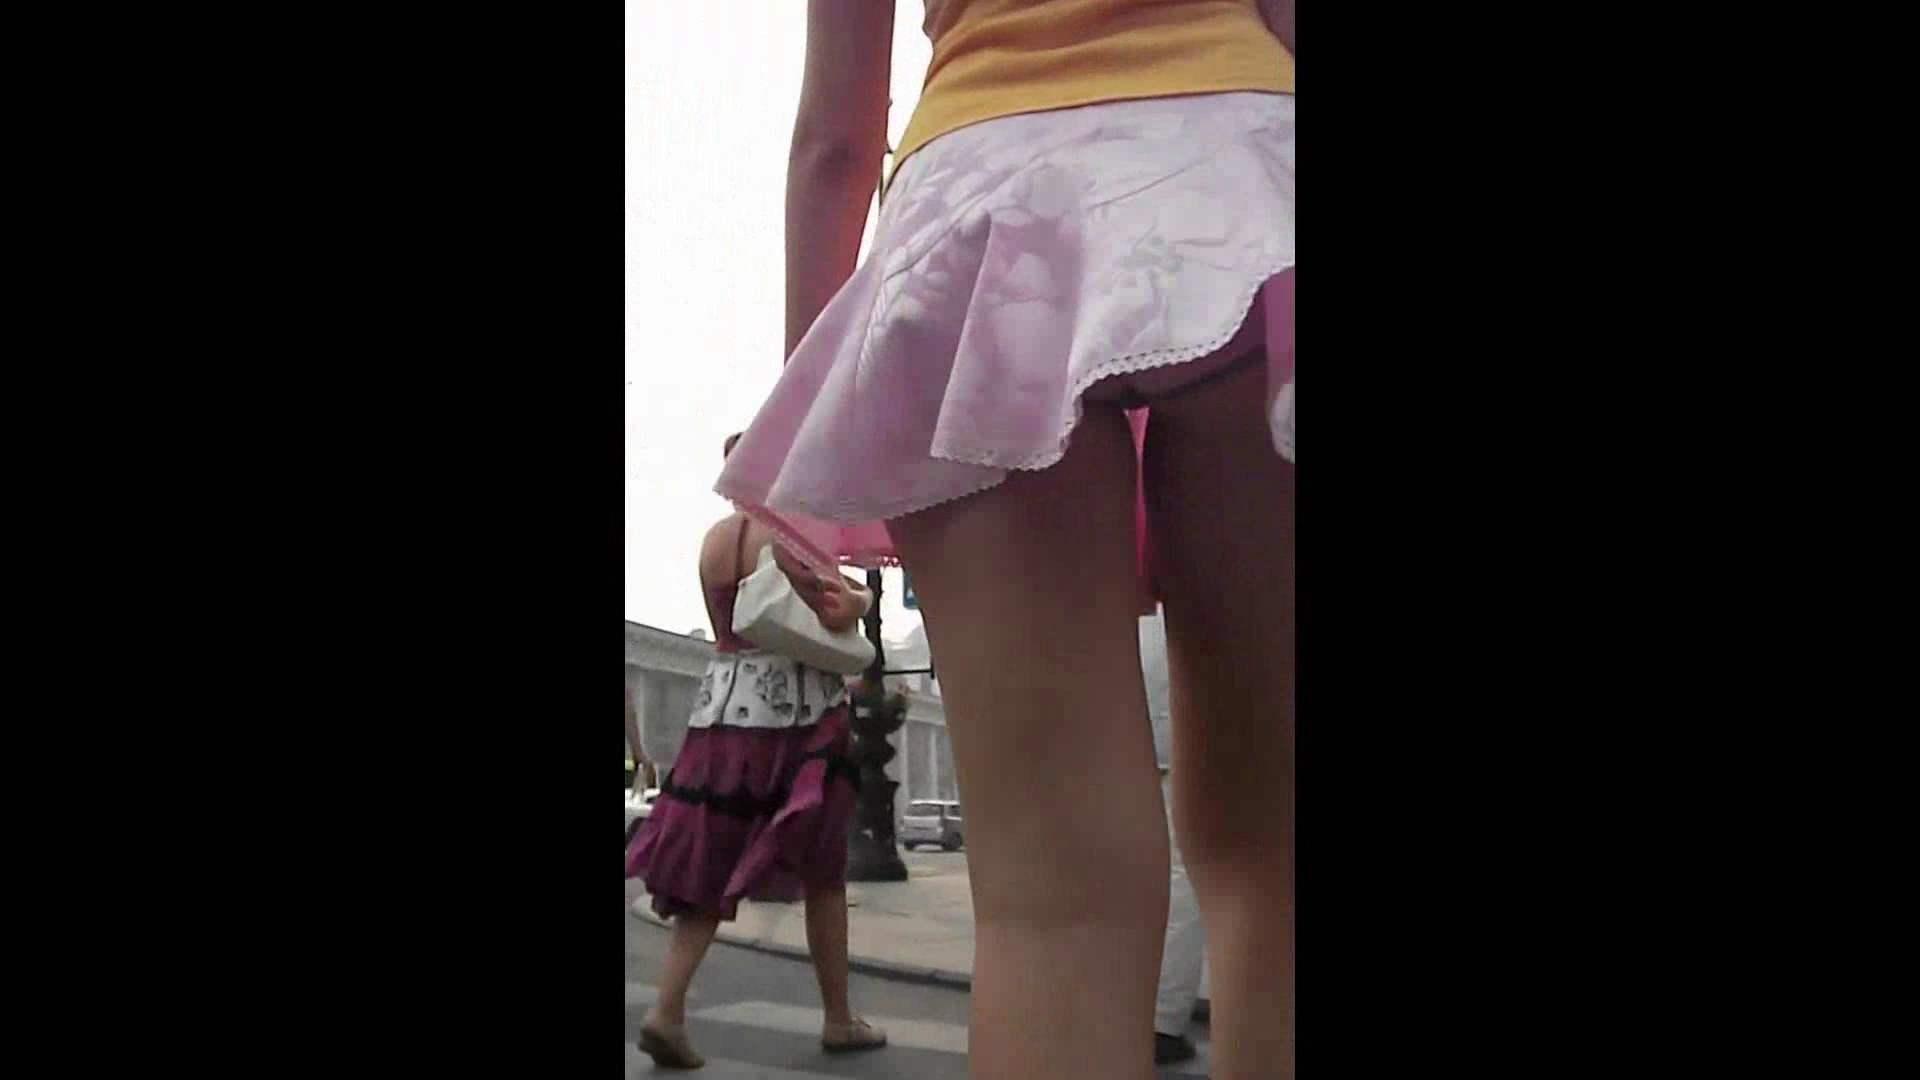 綺麗なモデルさんのスカート捲っちゃおう‼vol06 美しいOLの裸体 | お姉さん丸裸  103pic 43